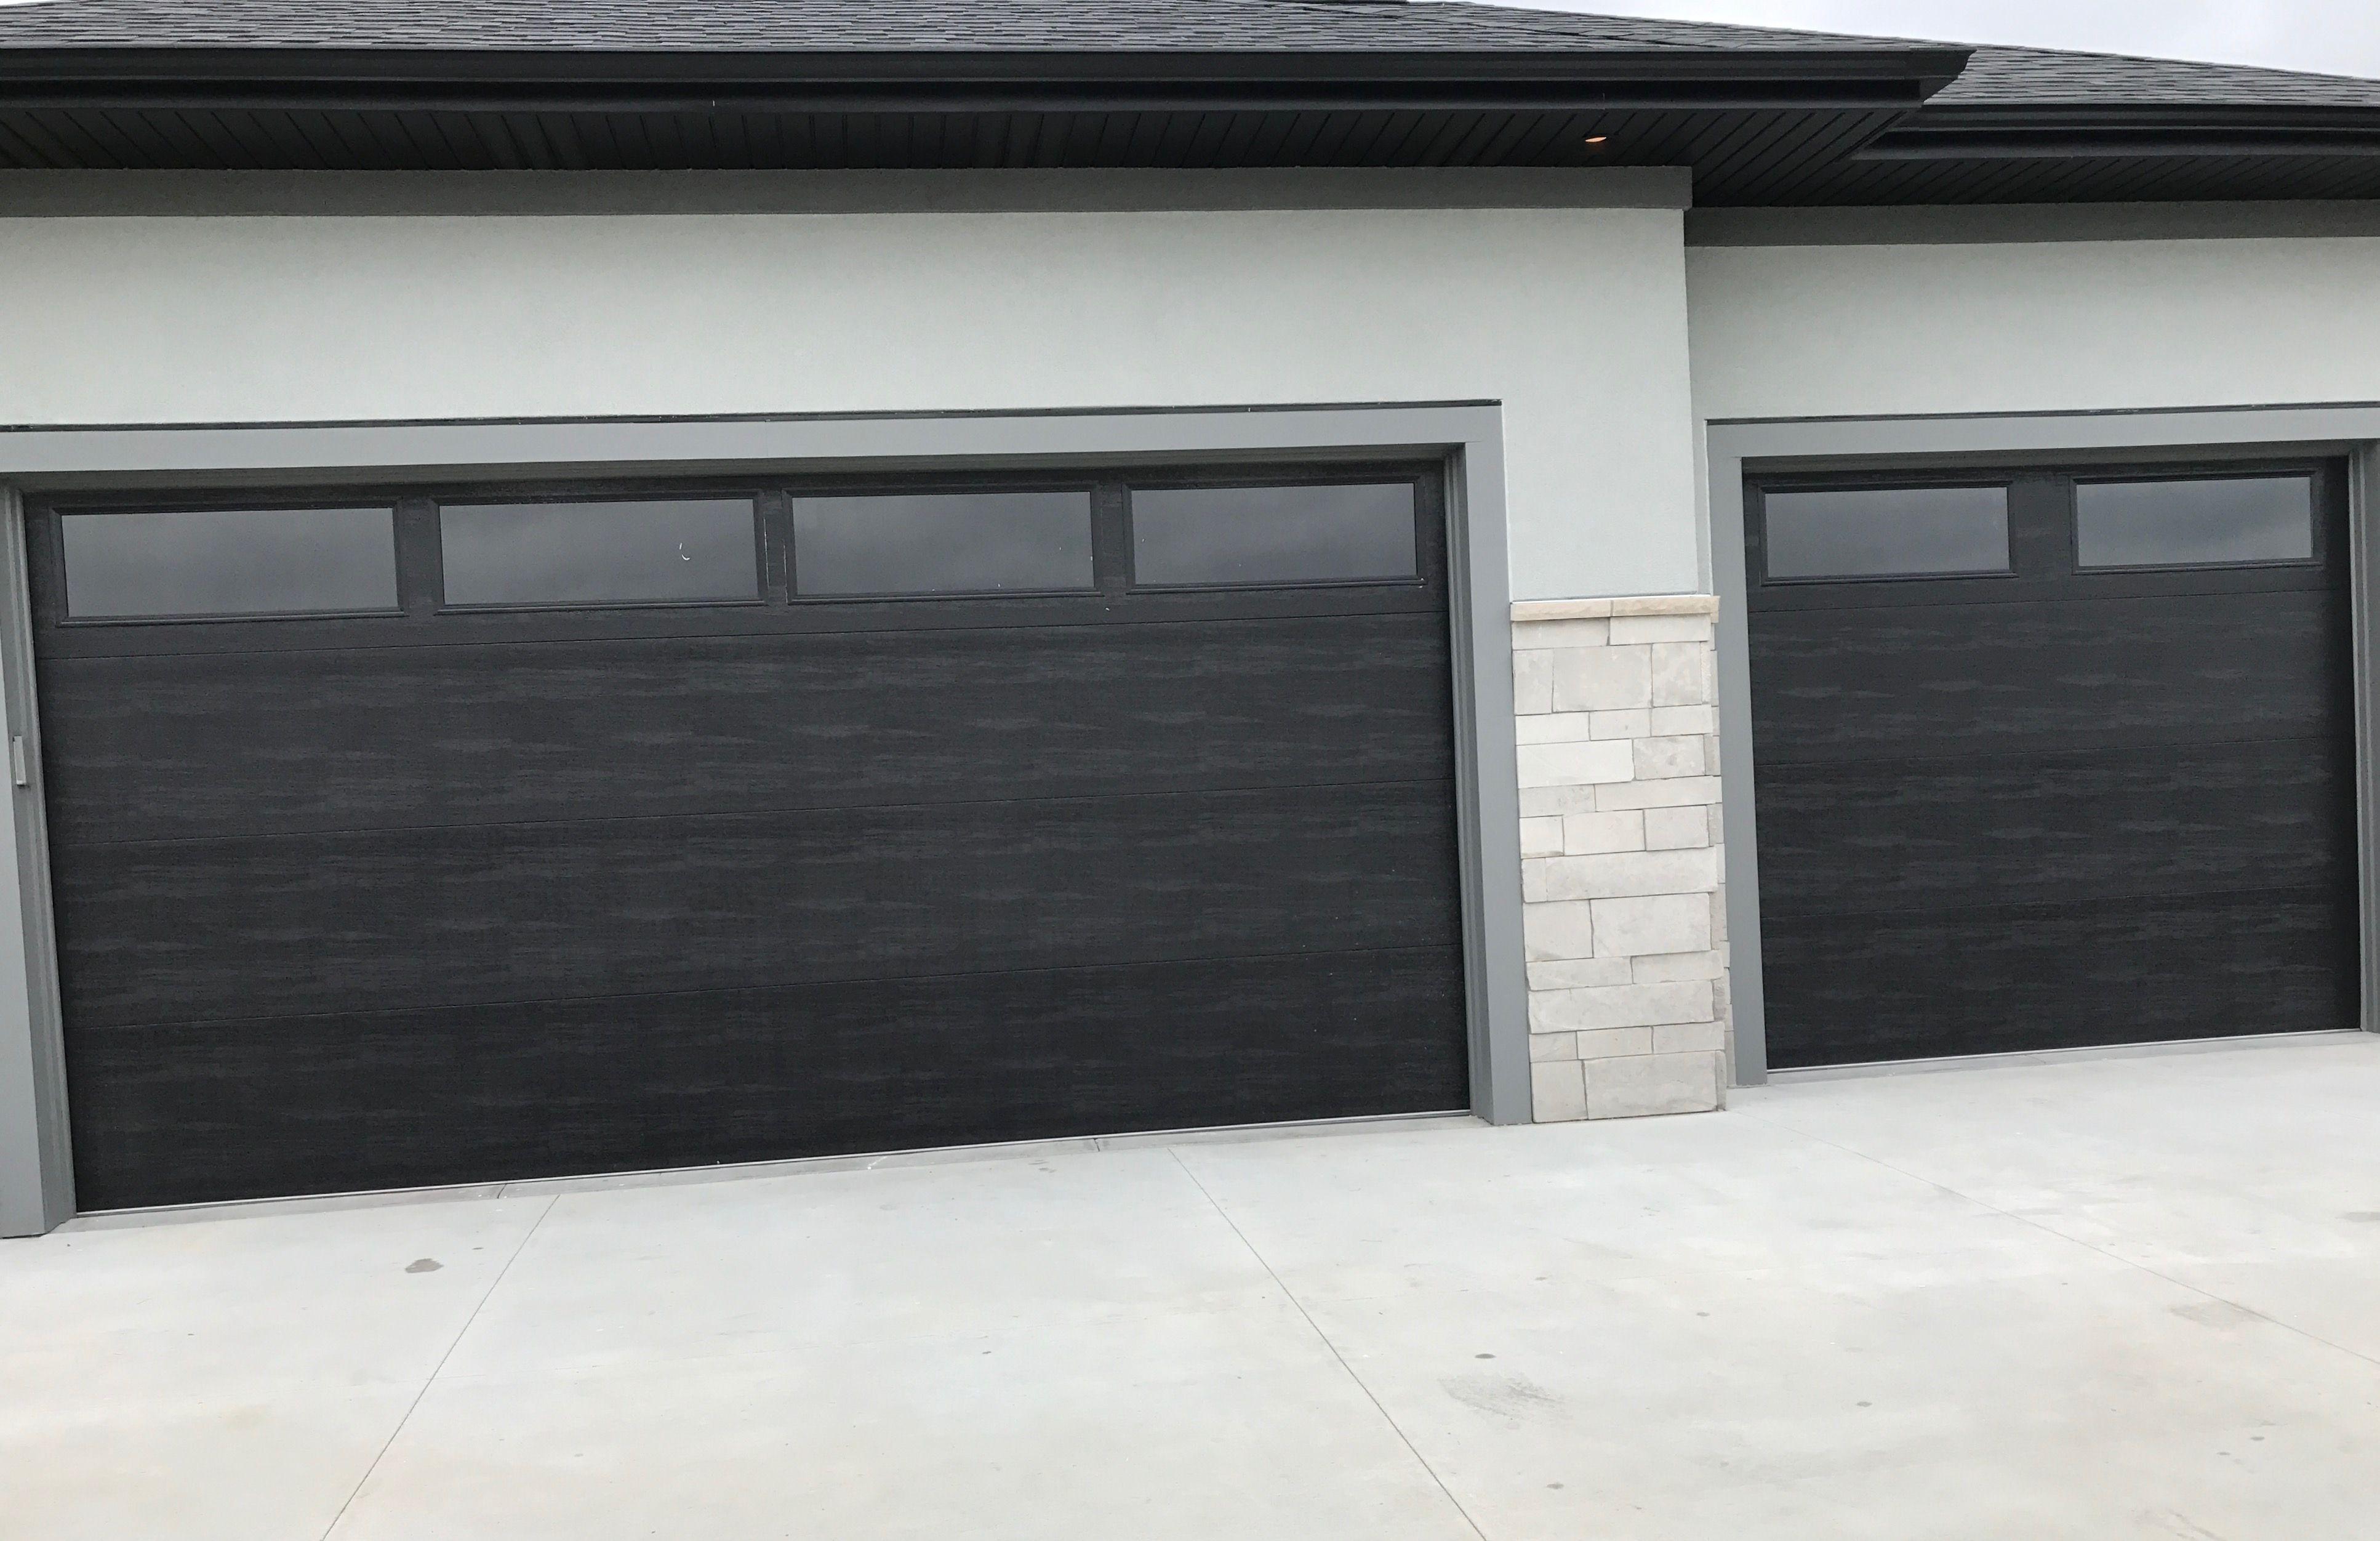 p liftmaster garage view door residential featuresmyq opener elite jackshaft quick master series access